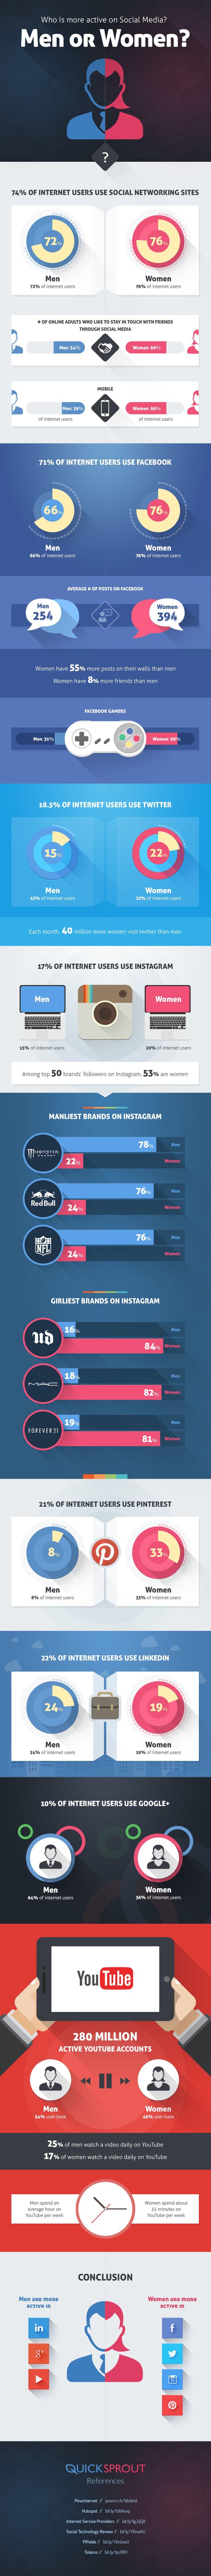 mannen vs vrouwen - wie is er online actiever #infographic